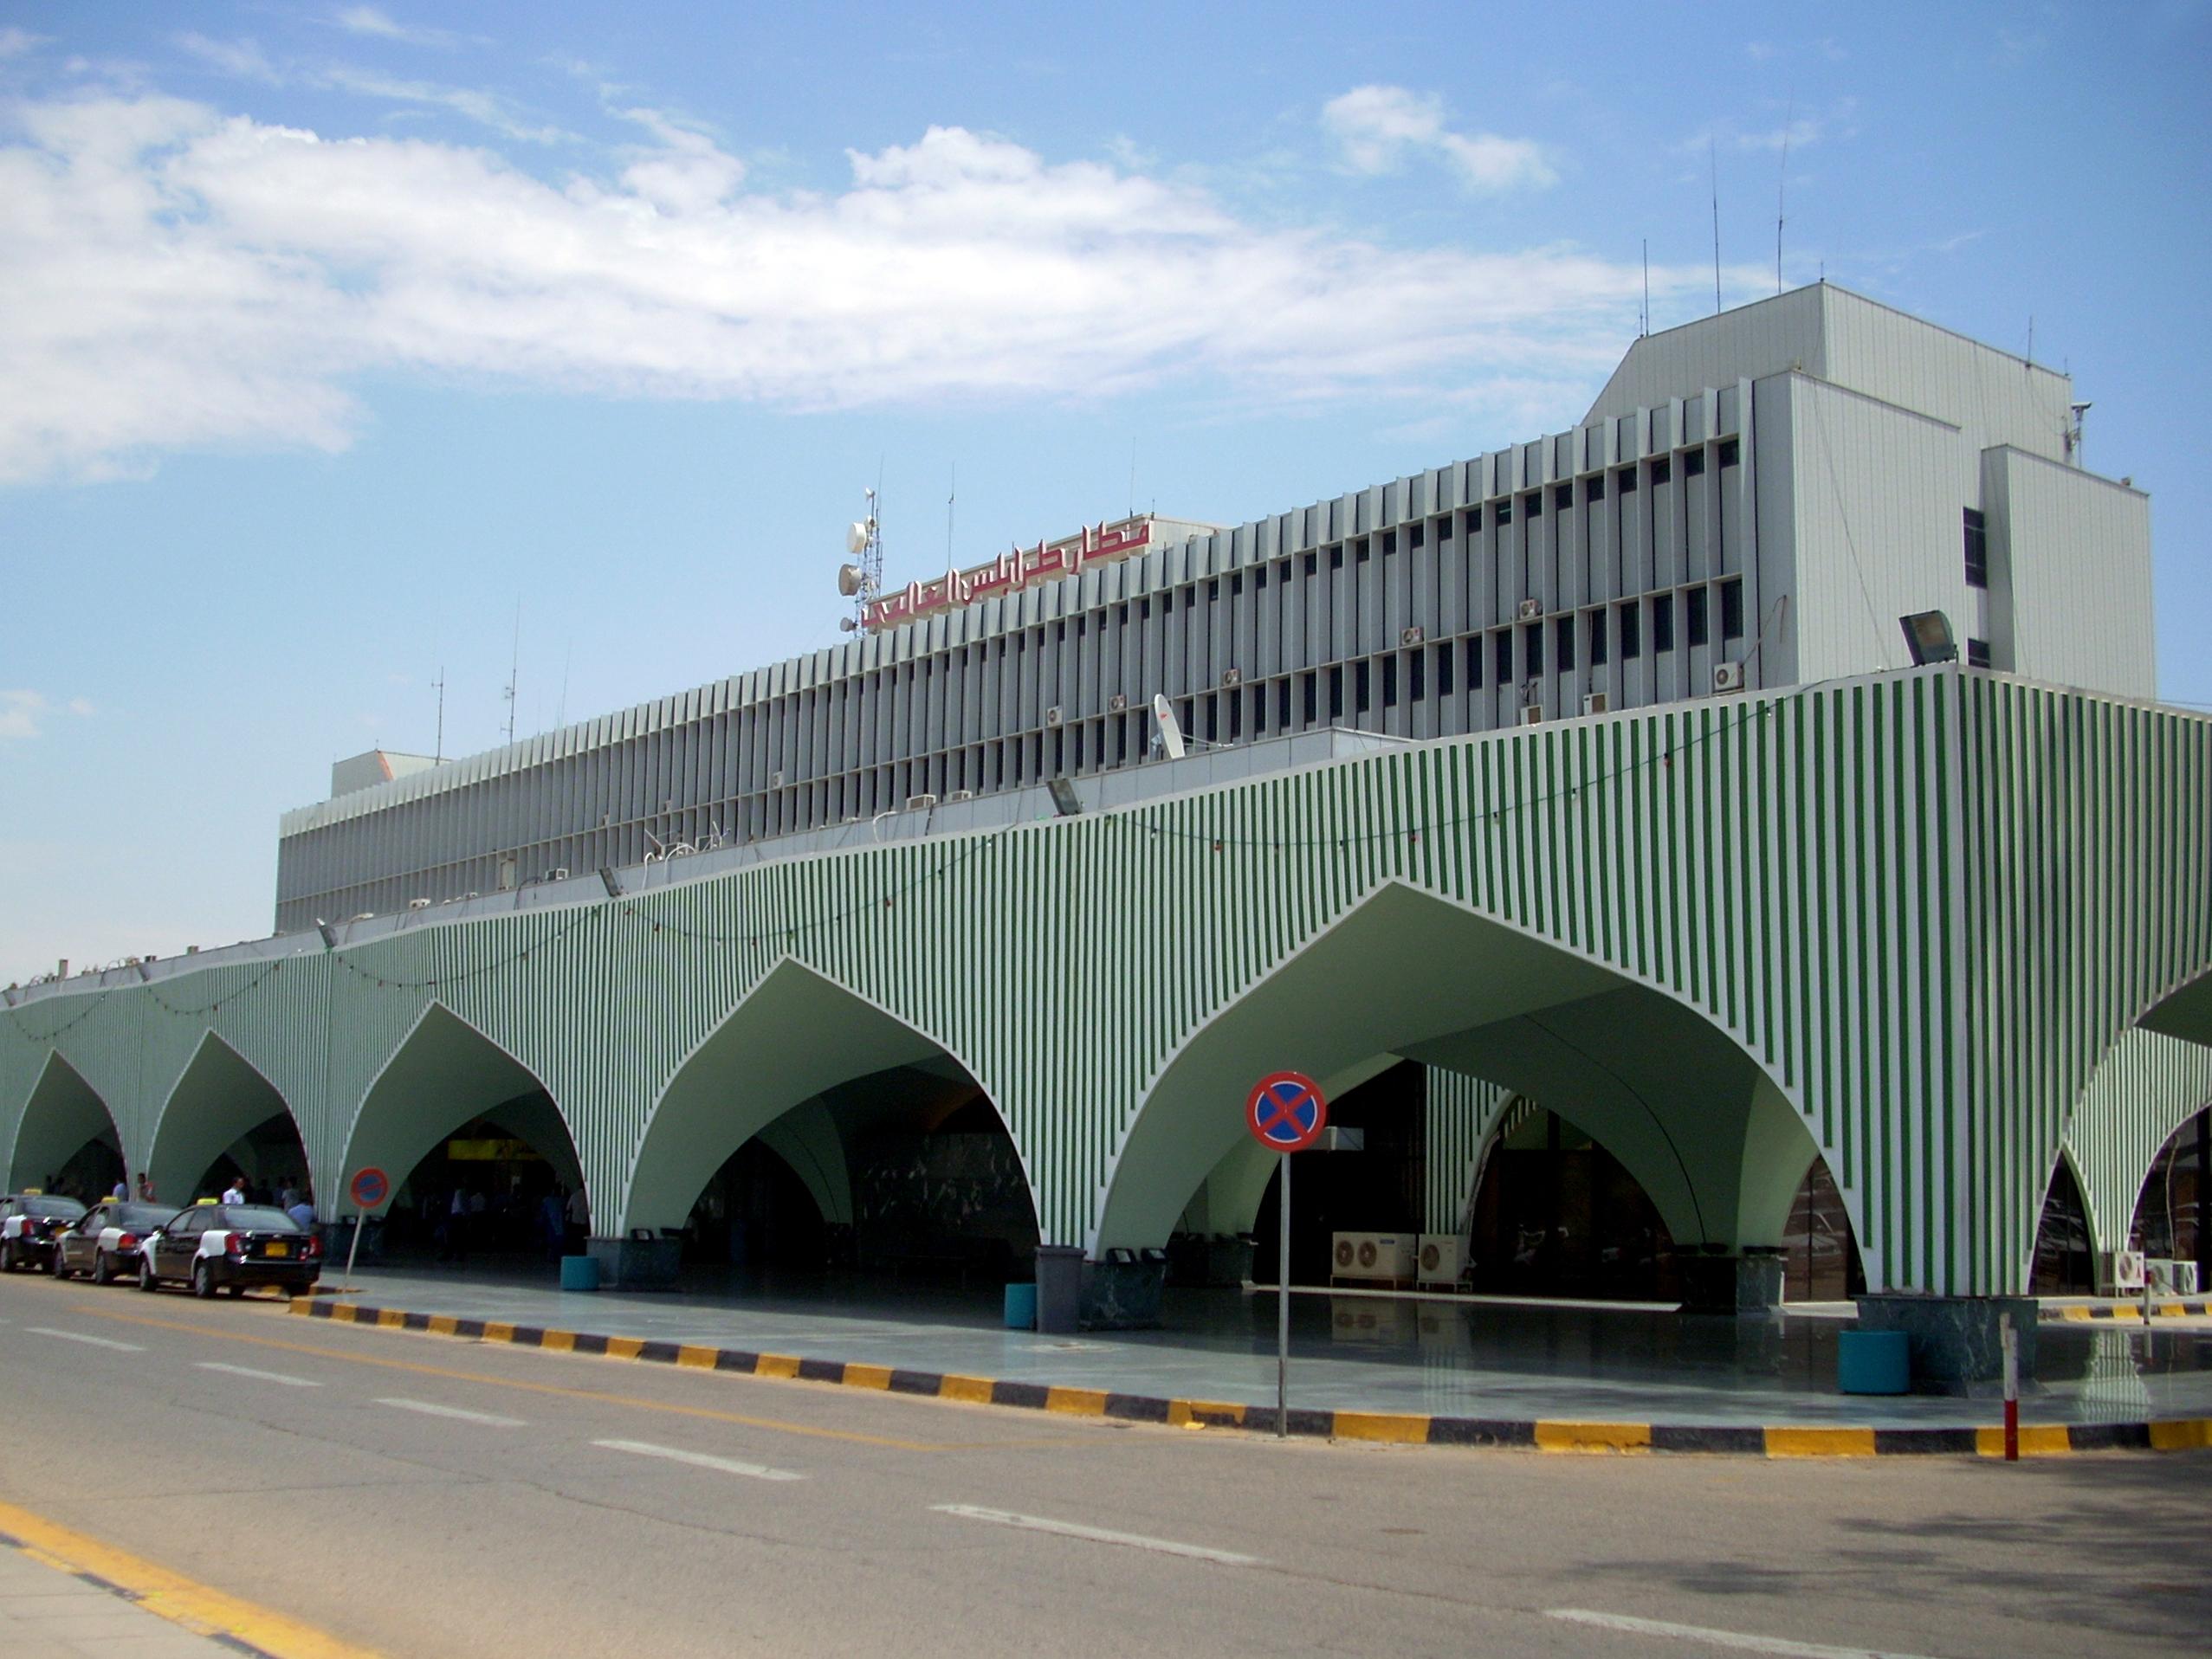 التعريف بليبيا كبلد سياحي المعلومات Tripoli_Airport.jpg